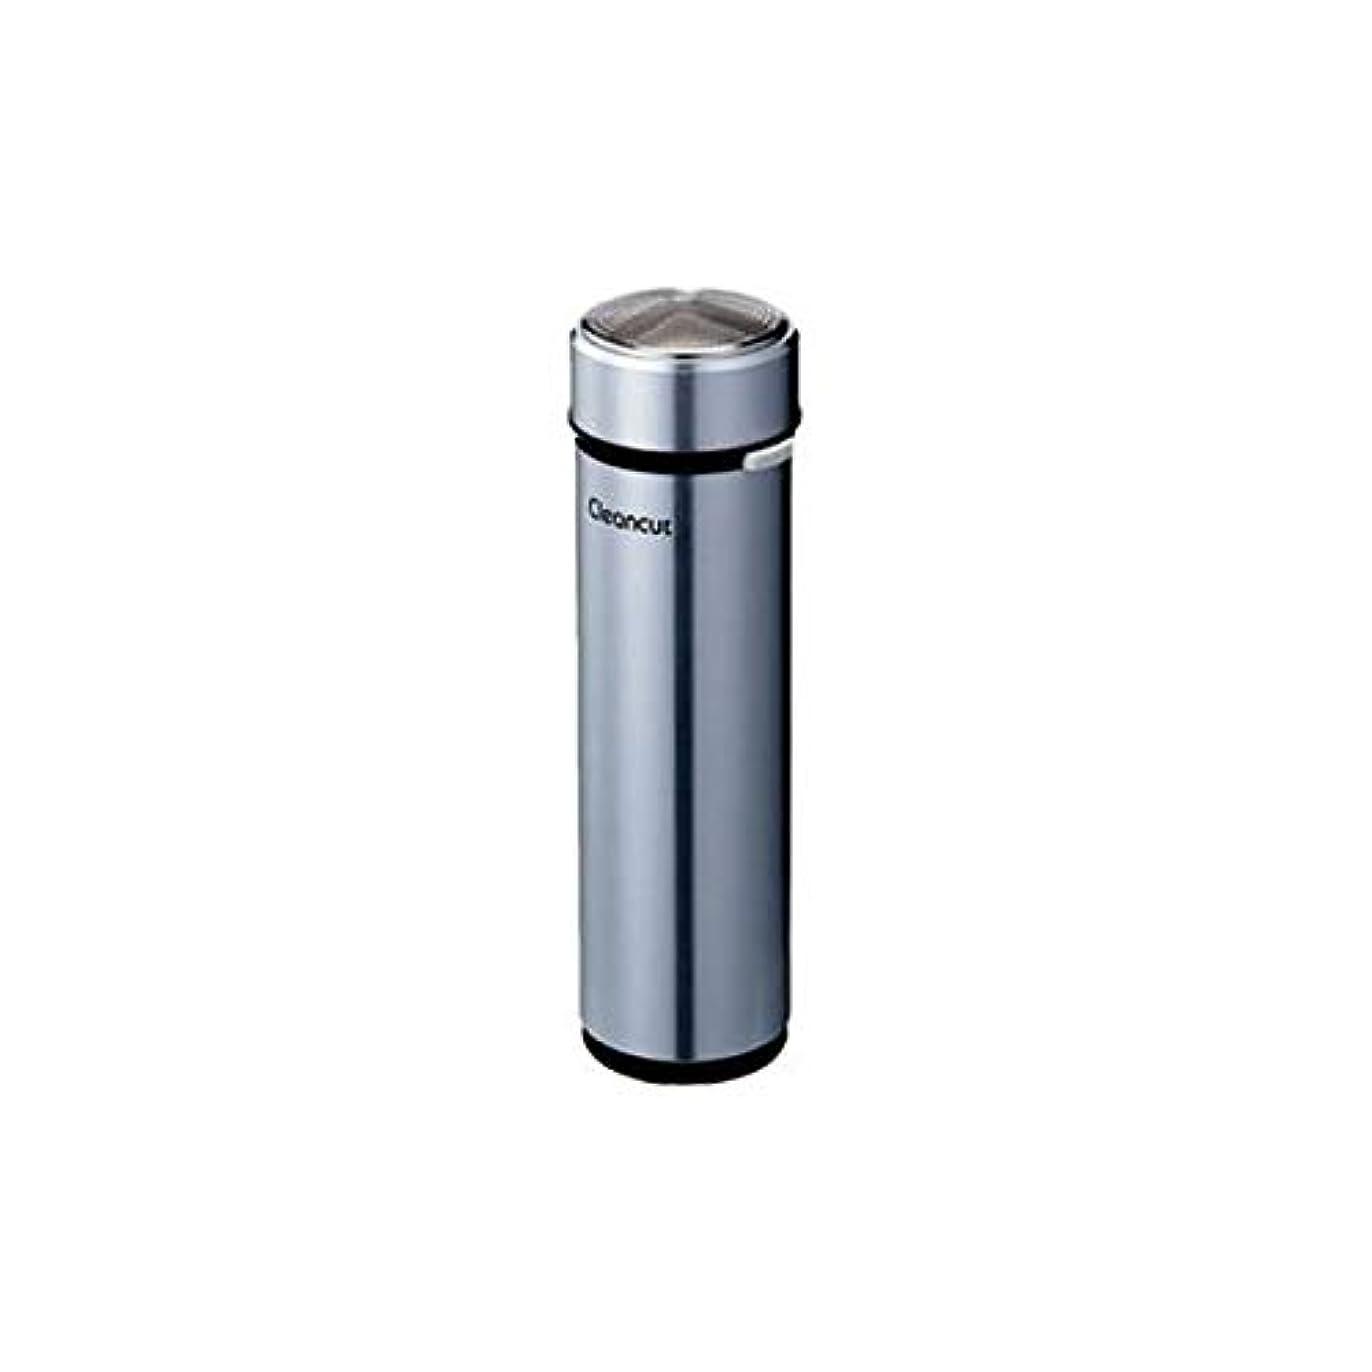 直径特異なビルダー(まとめ)泉精器製作所 クリーンカット回転式シェーバー シルバー IZF-210U-S 1台【×3セット】 家電 生活家電 シェーバー 14067381 [並行輸入品]